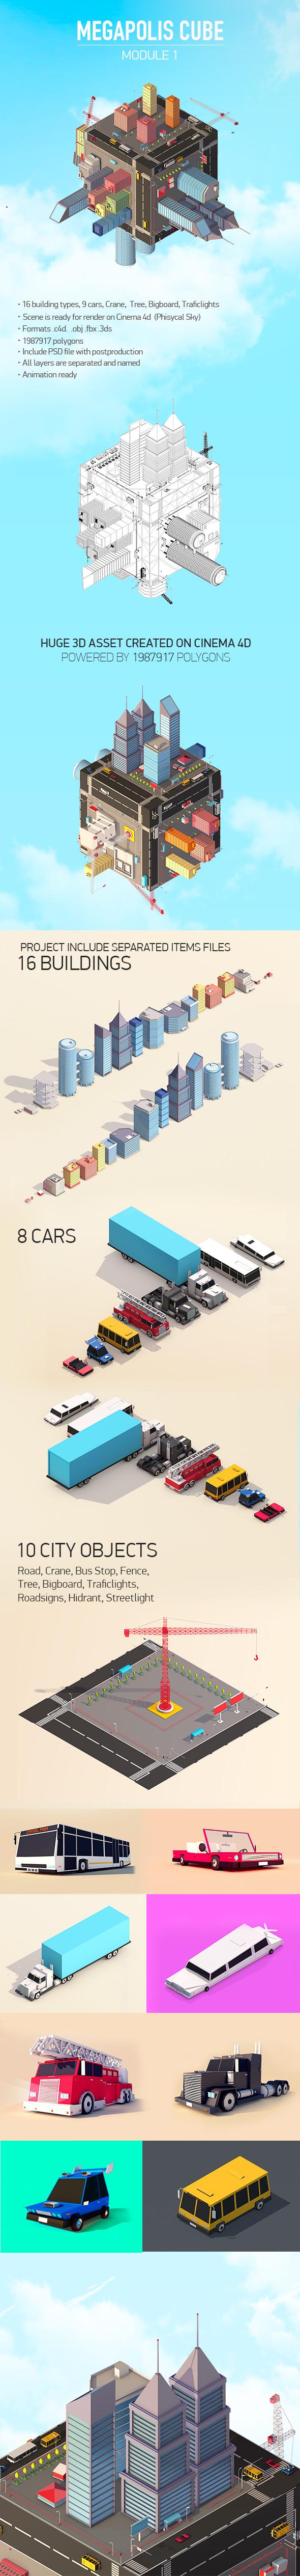 Megapolis City Cube Module 1 - 3DOcean Item for Sale